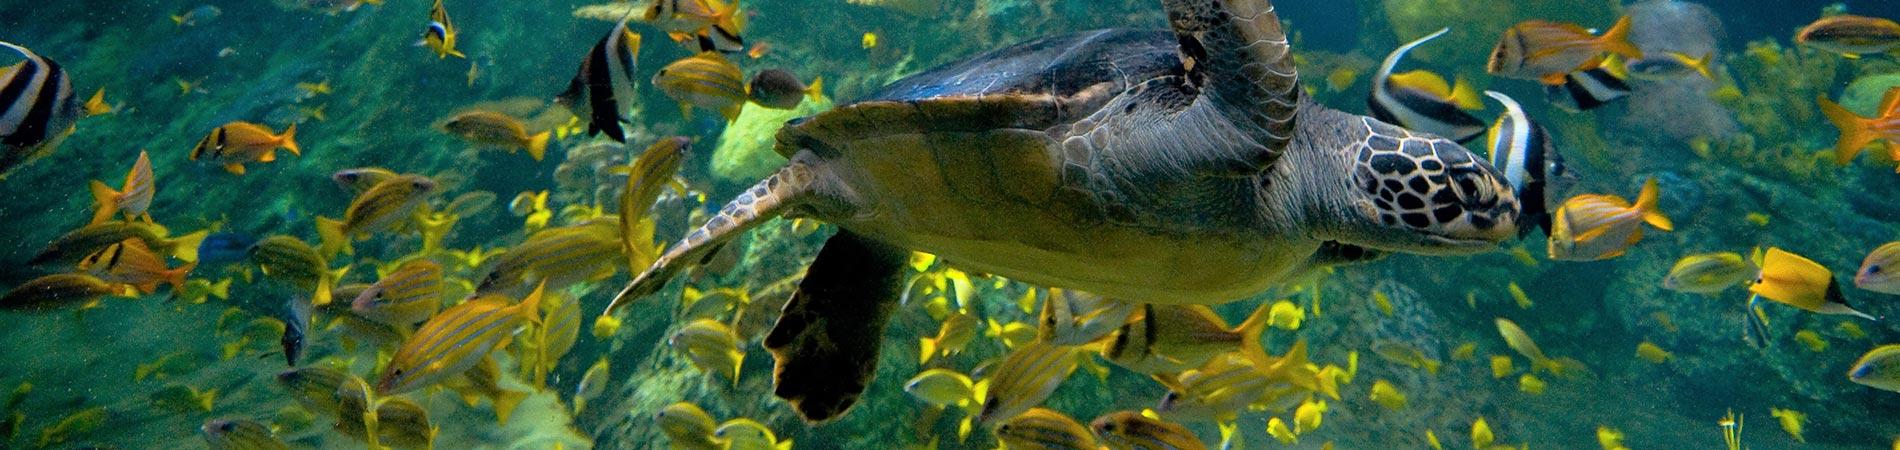 Sea Turtles at SeaWorld San Diego